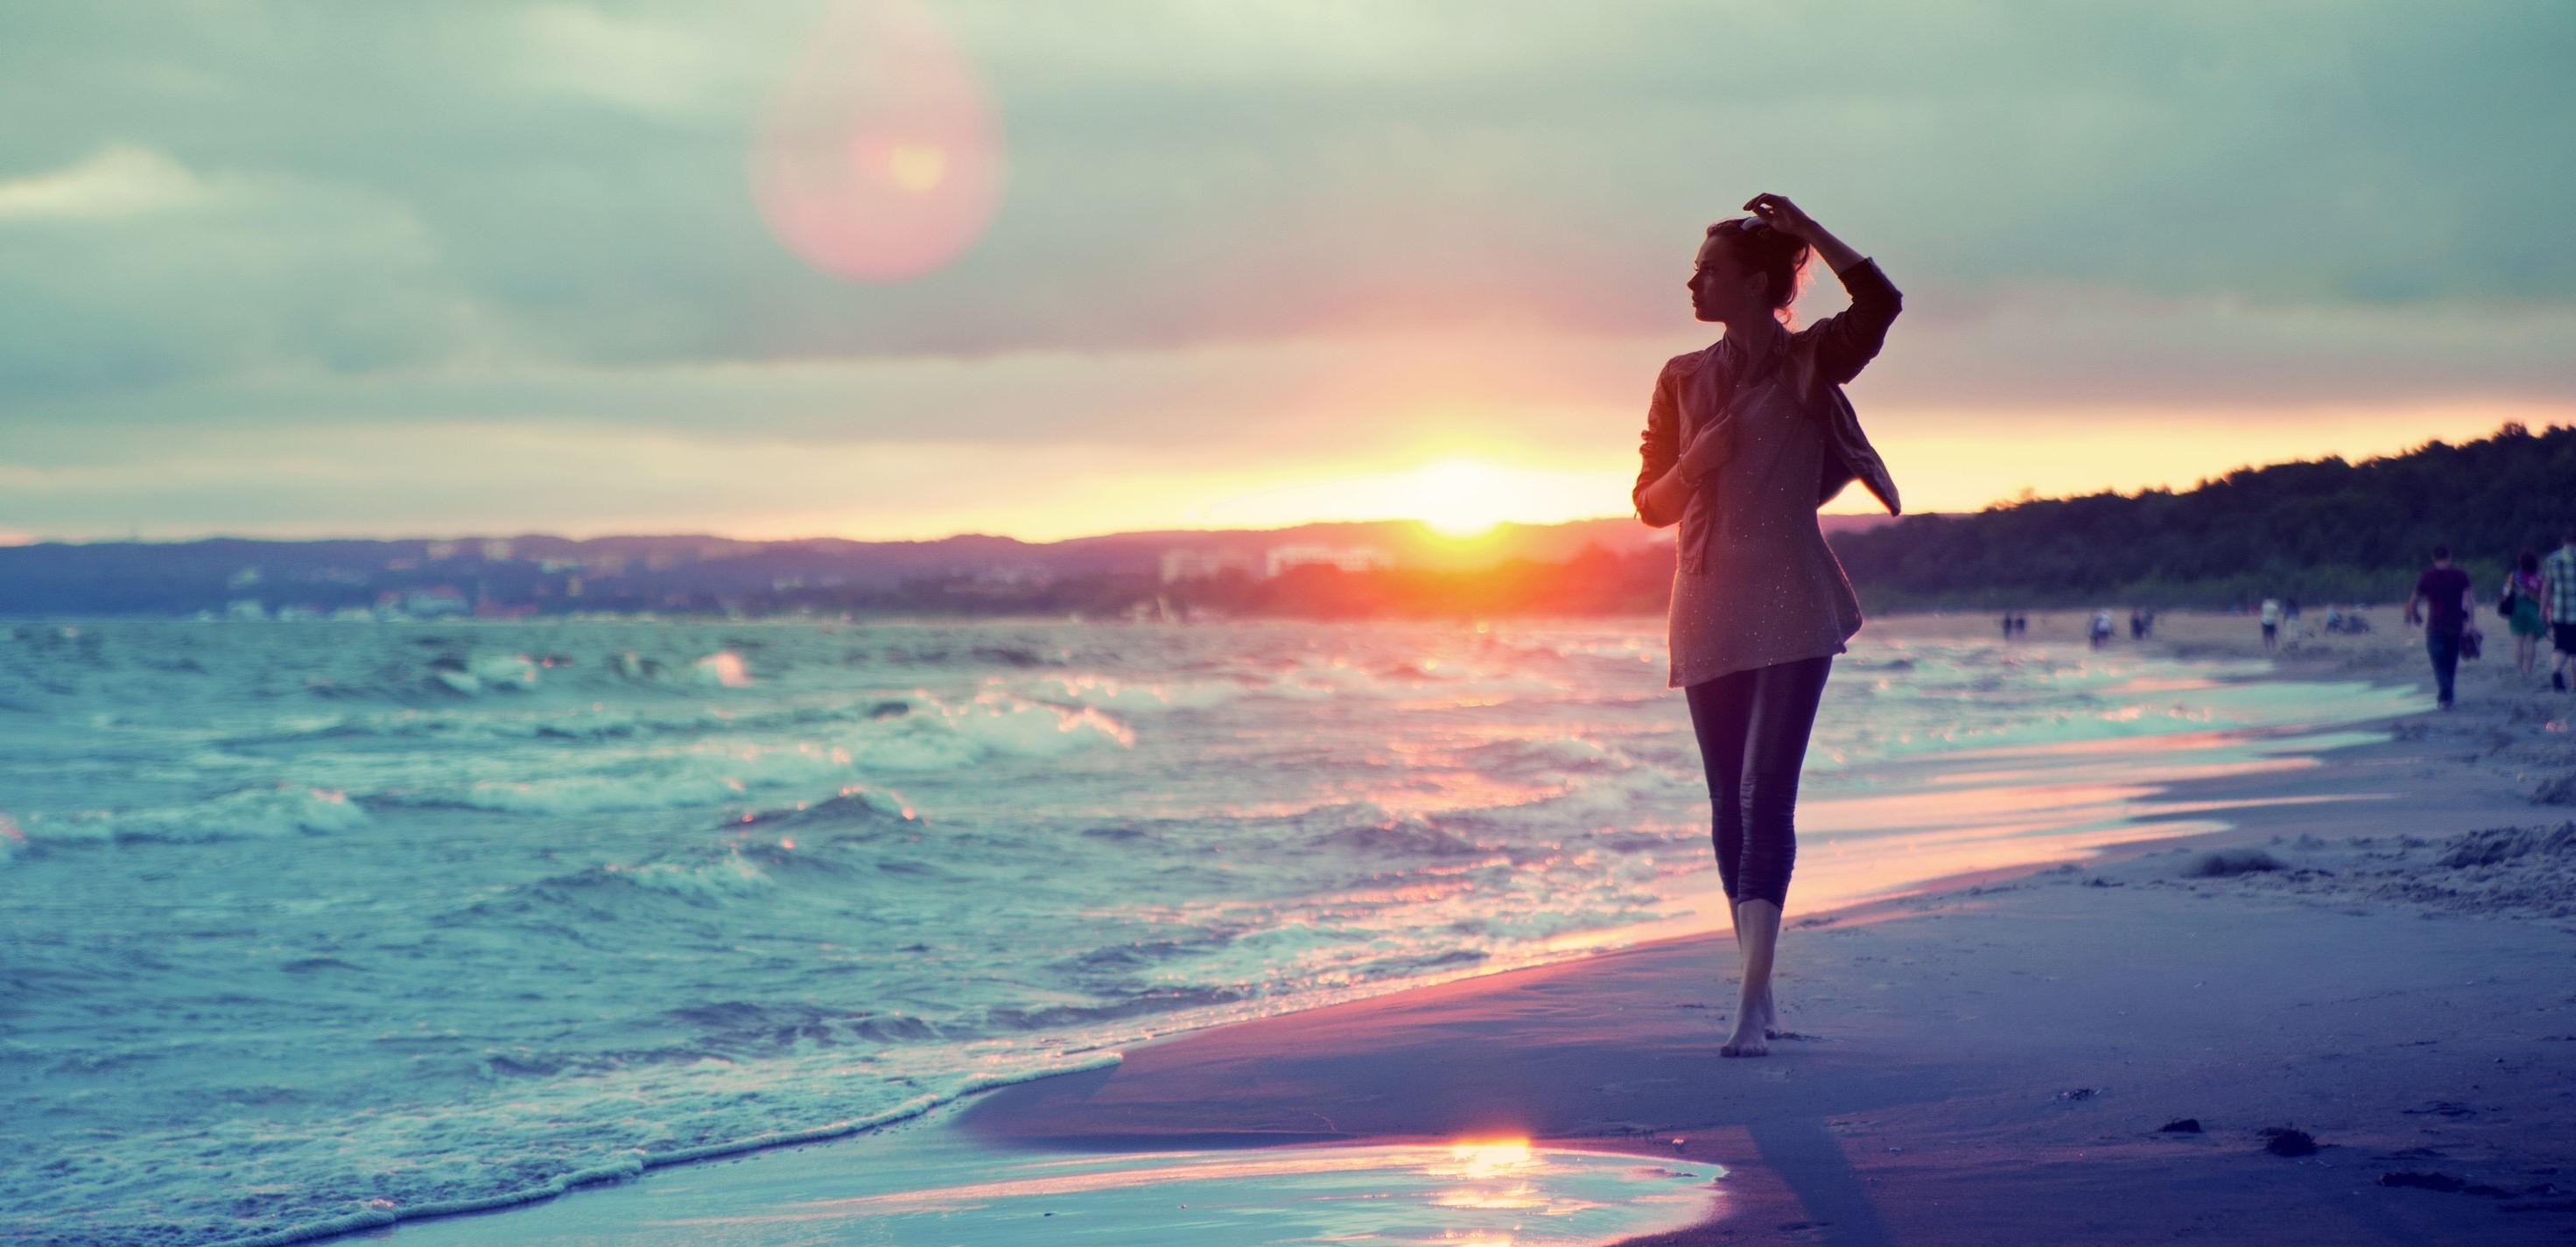 wallpaper : sunlight, women, sunset, sea, beach, sunrise, evening